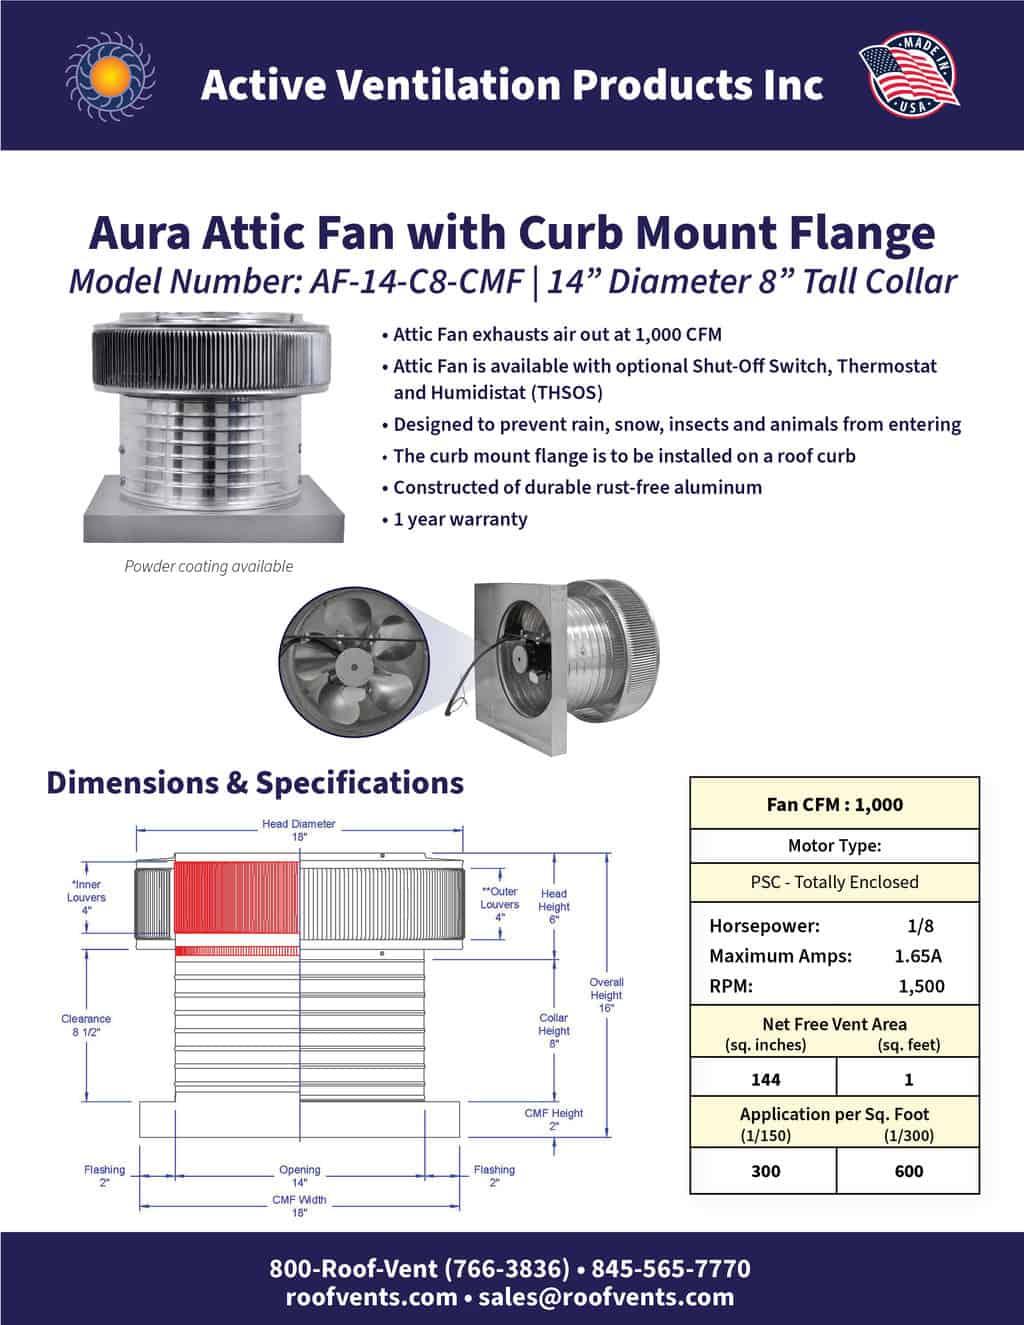 AF-14-C8-CMF-brochure An Exhaust Attic Fan